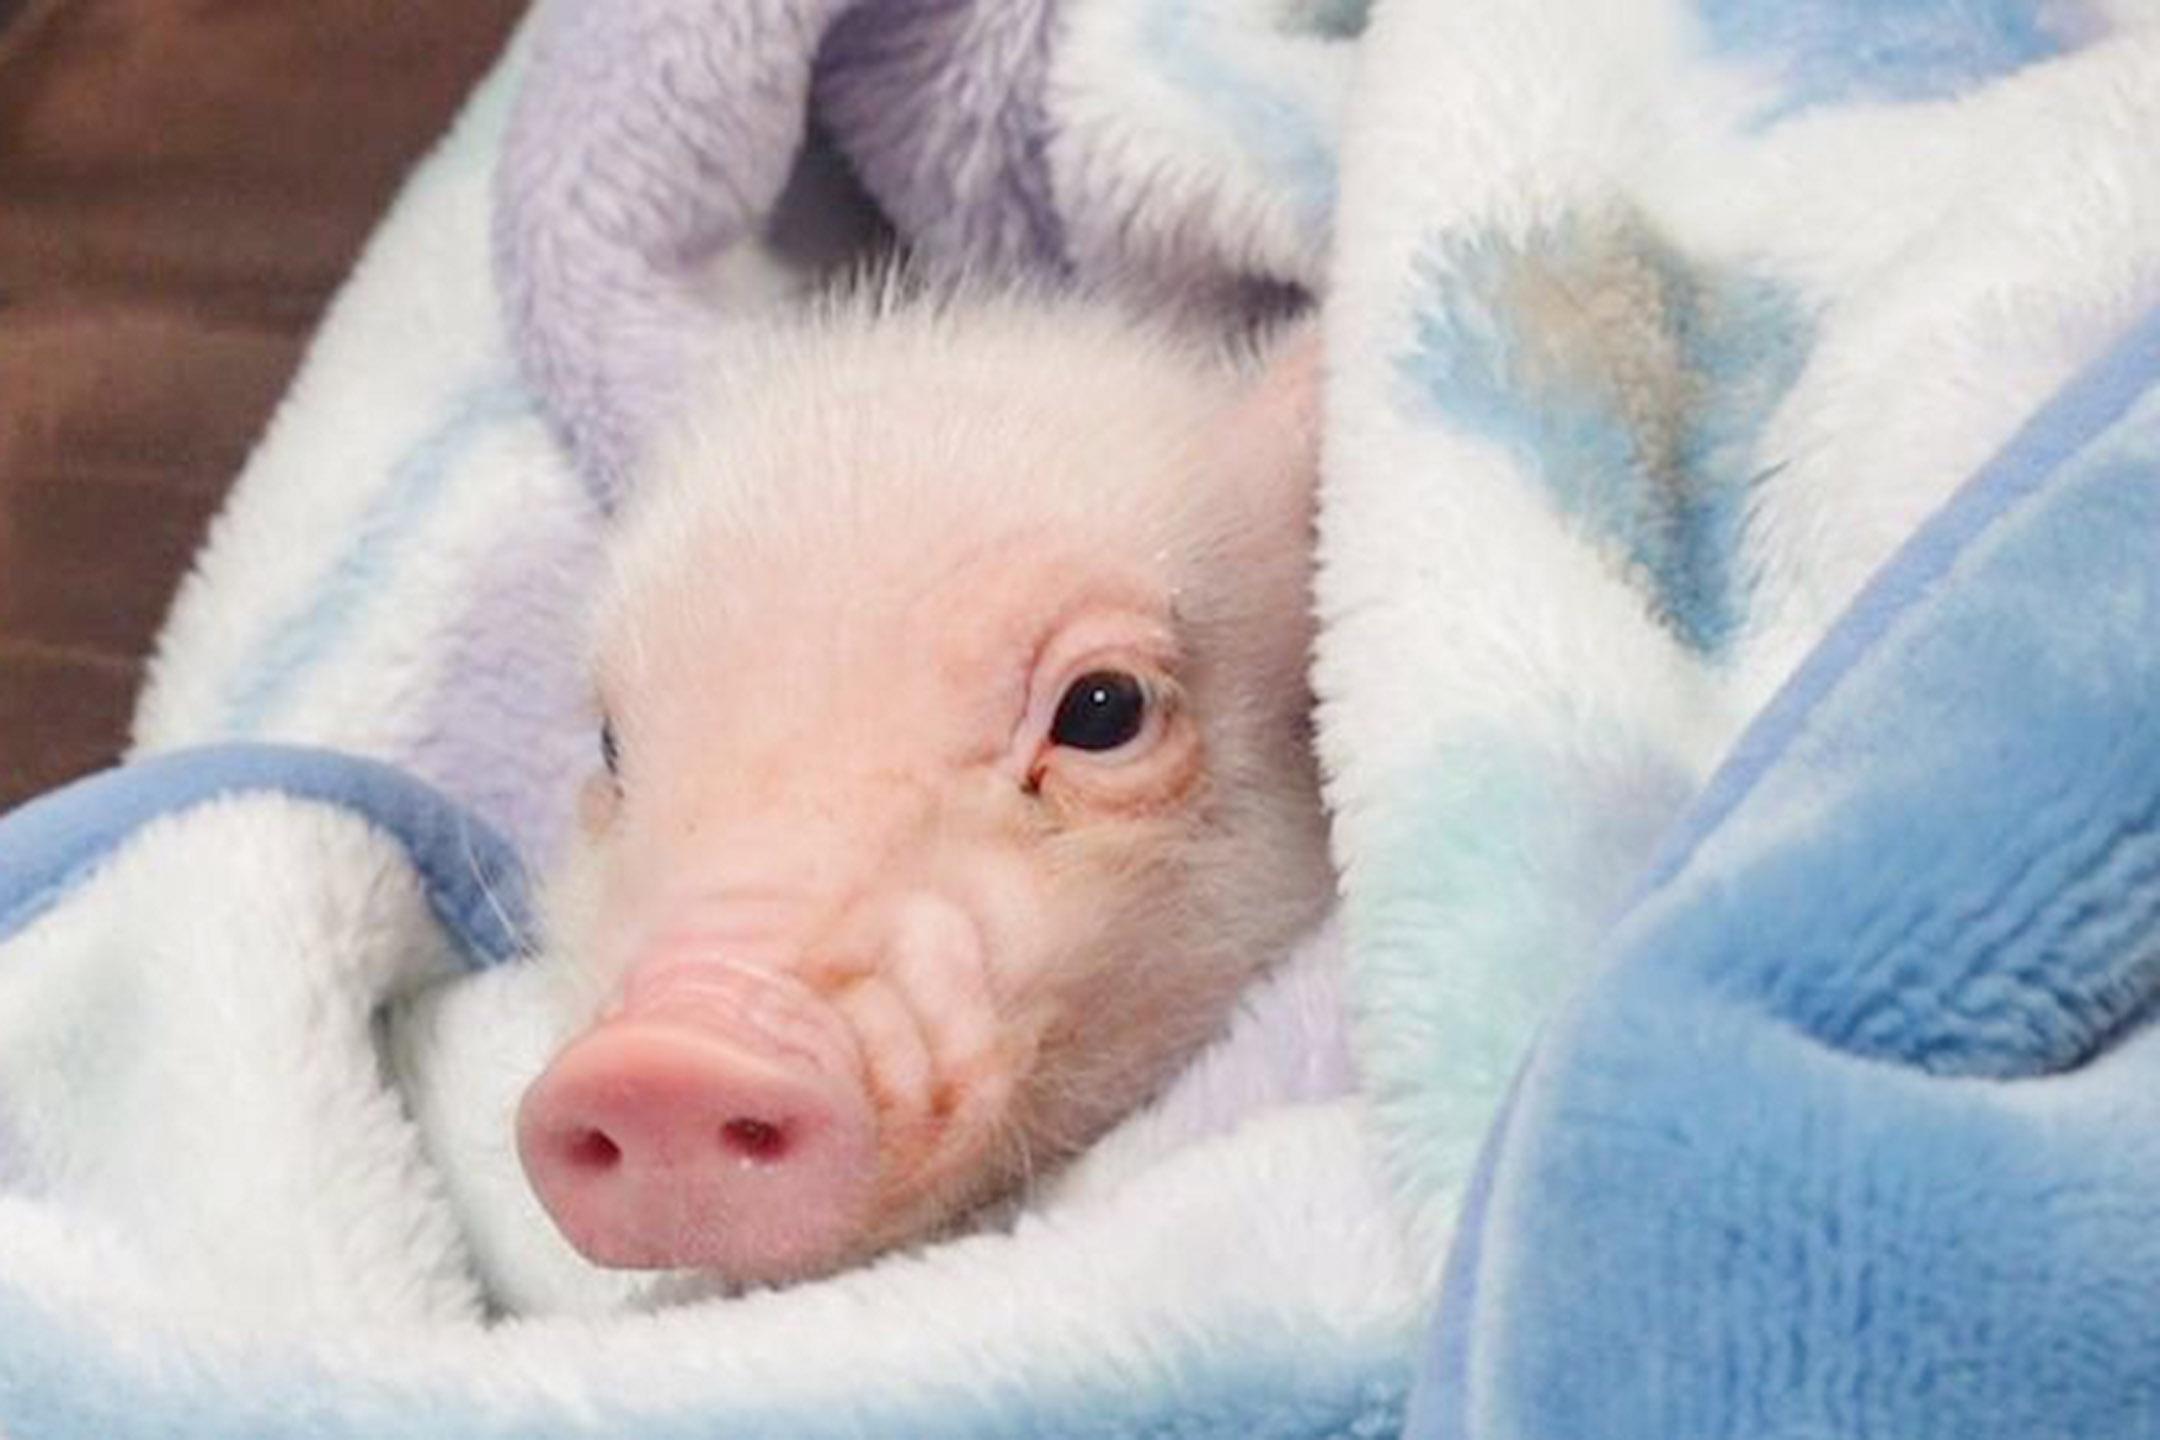 日本 YouTuber 開設小豬頻道「100 天後吃的豬」。 圖:網上圖片